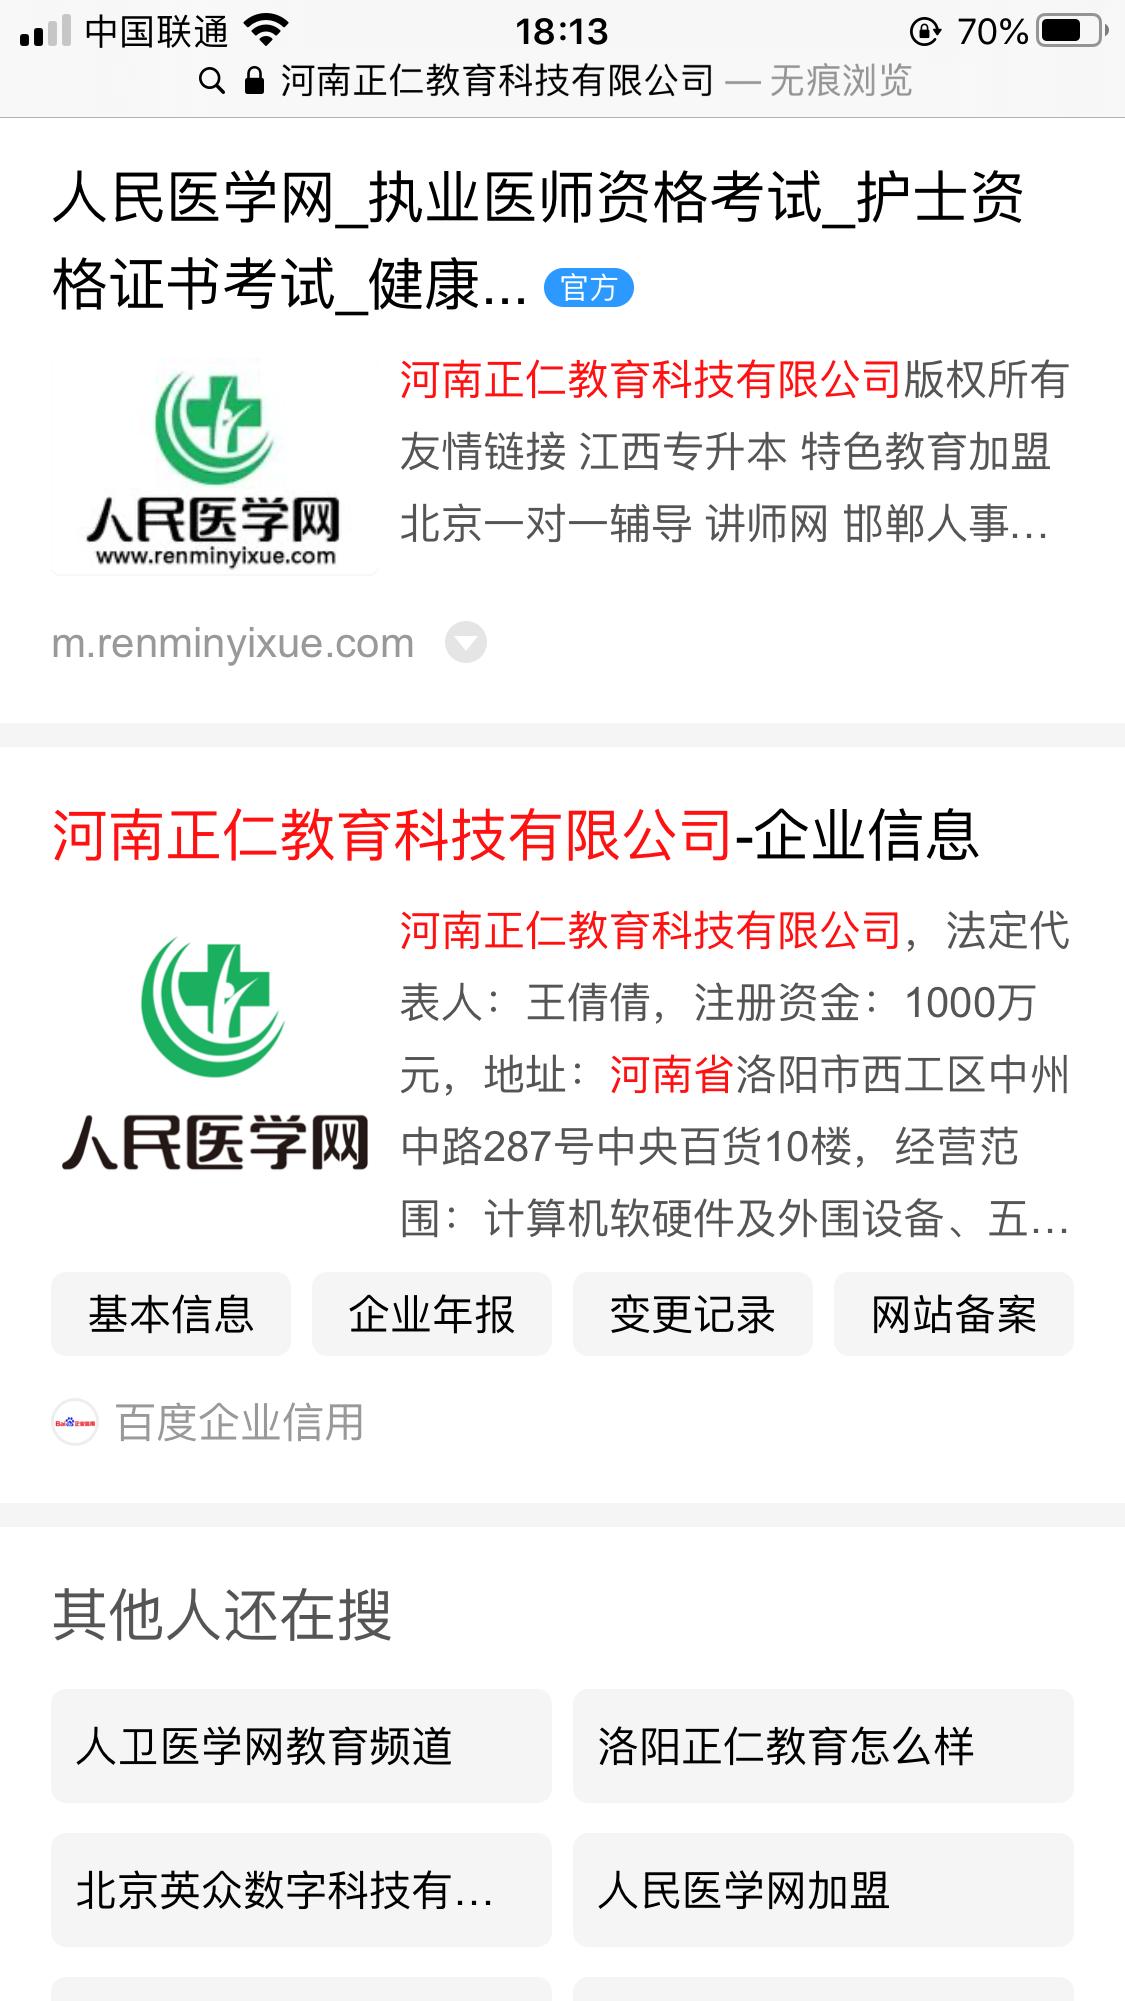 河南正仁教育科技有限公司